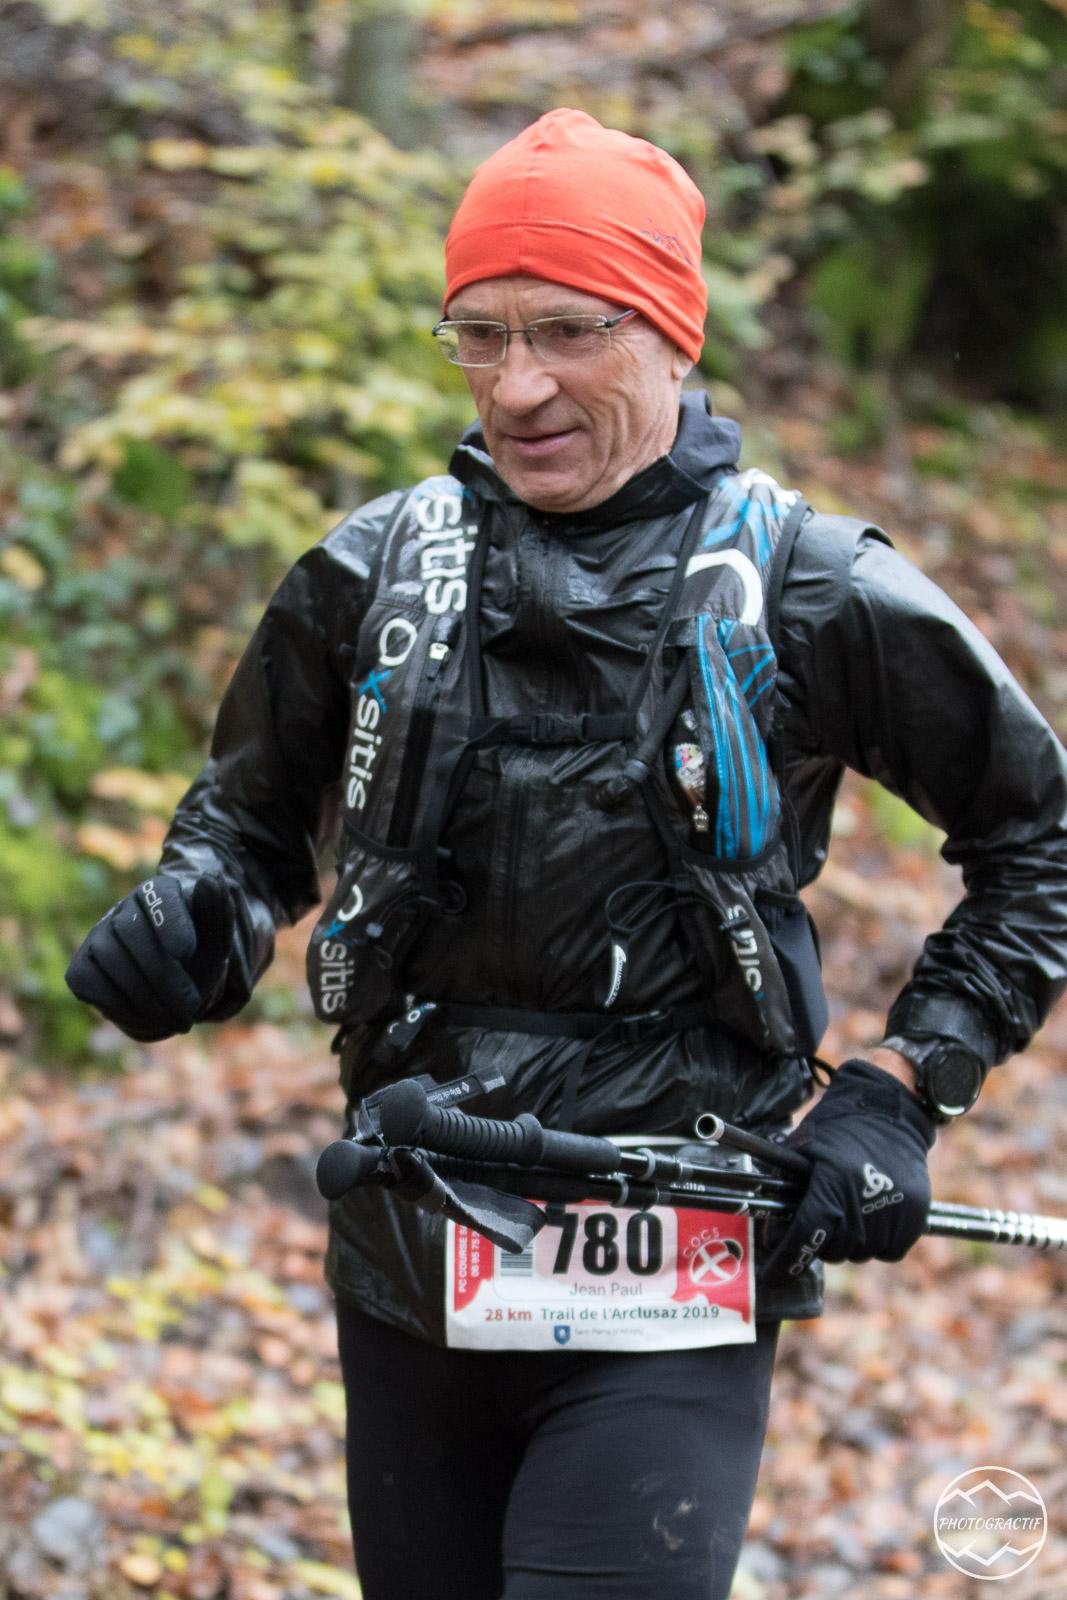 Trail Arclusaz 2019-641